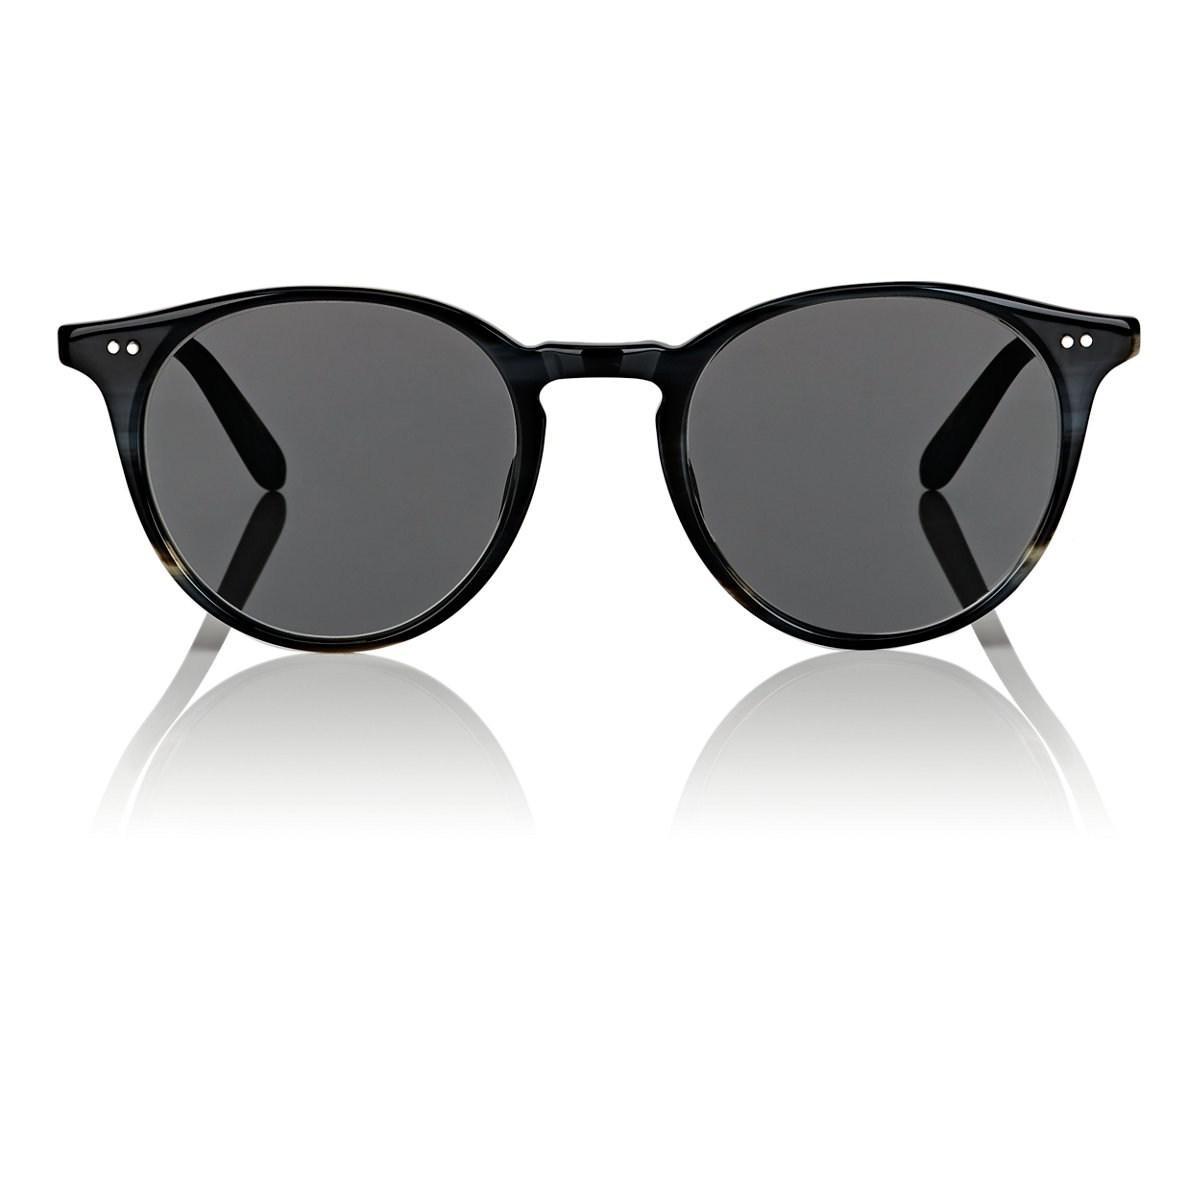 b65c9556784 Garrett Leight Clune Sunglasses in Black for Men - Lyst